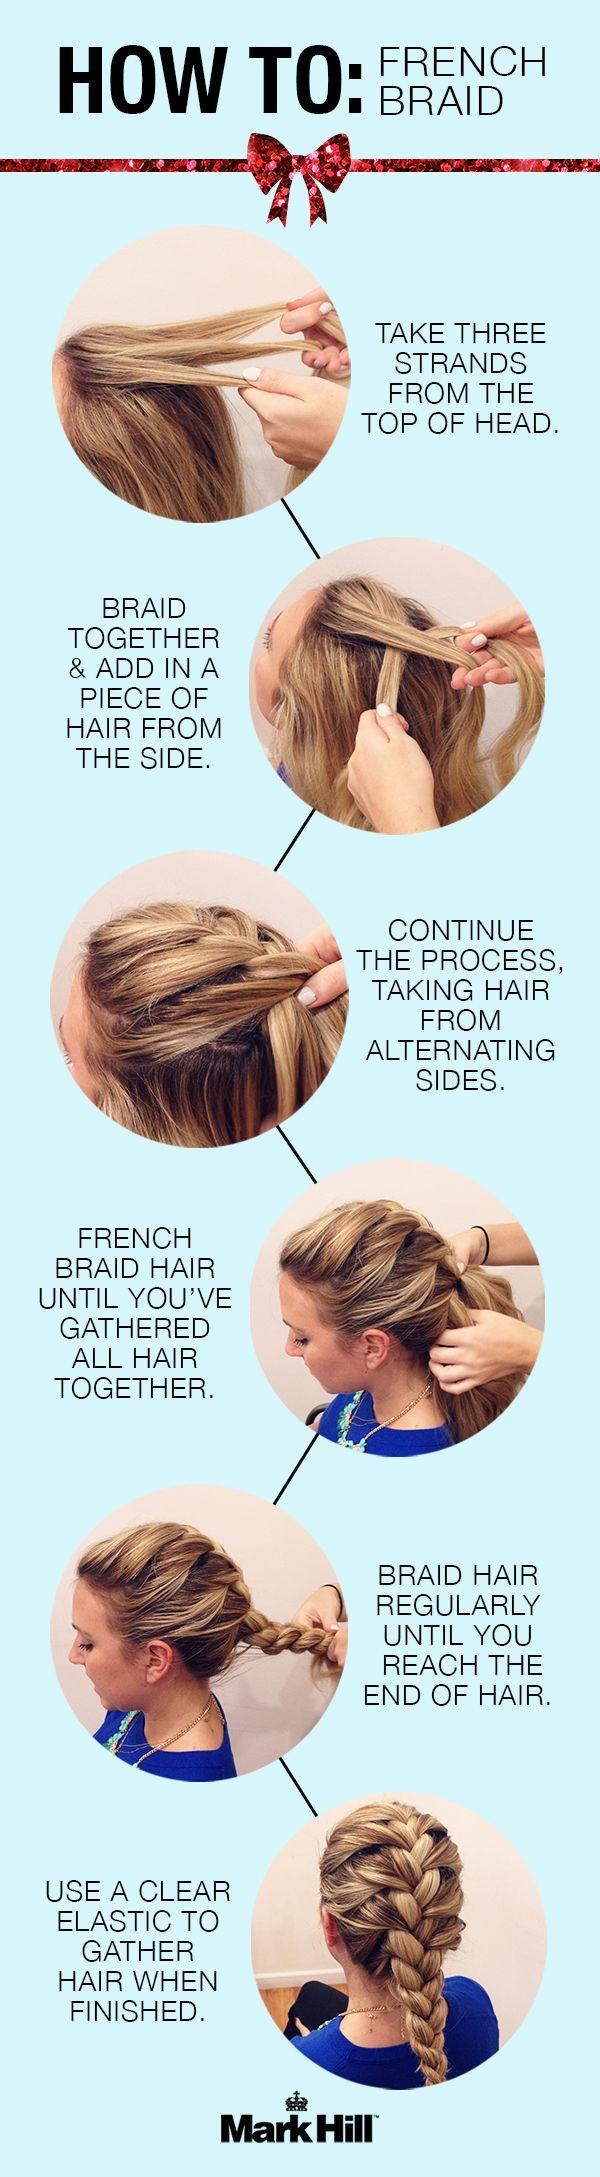 Penteados bonitos: tutoriais trança francesa